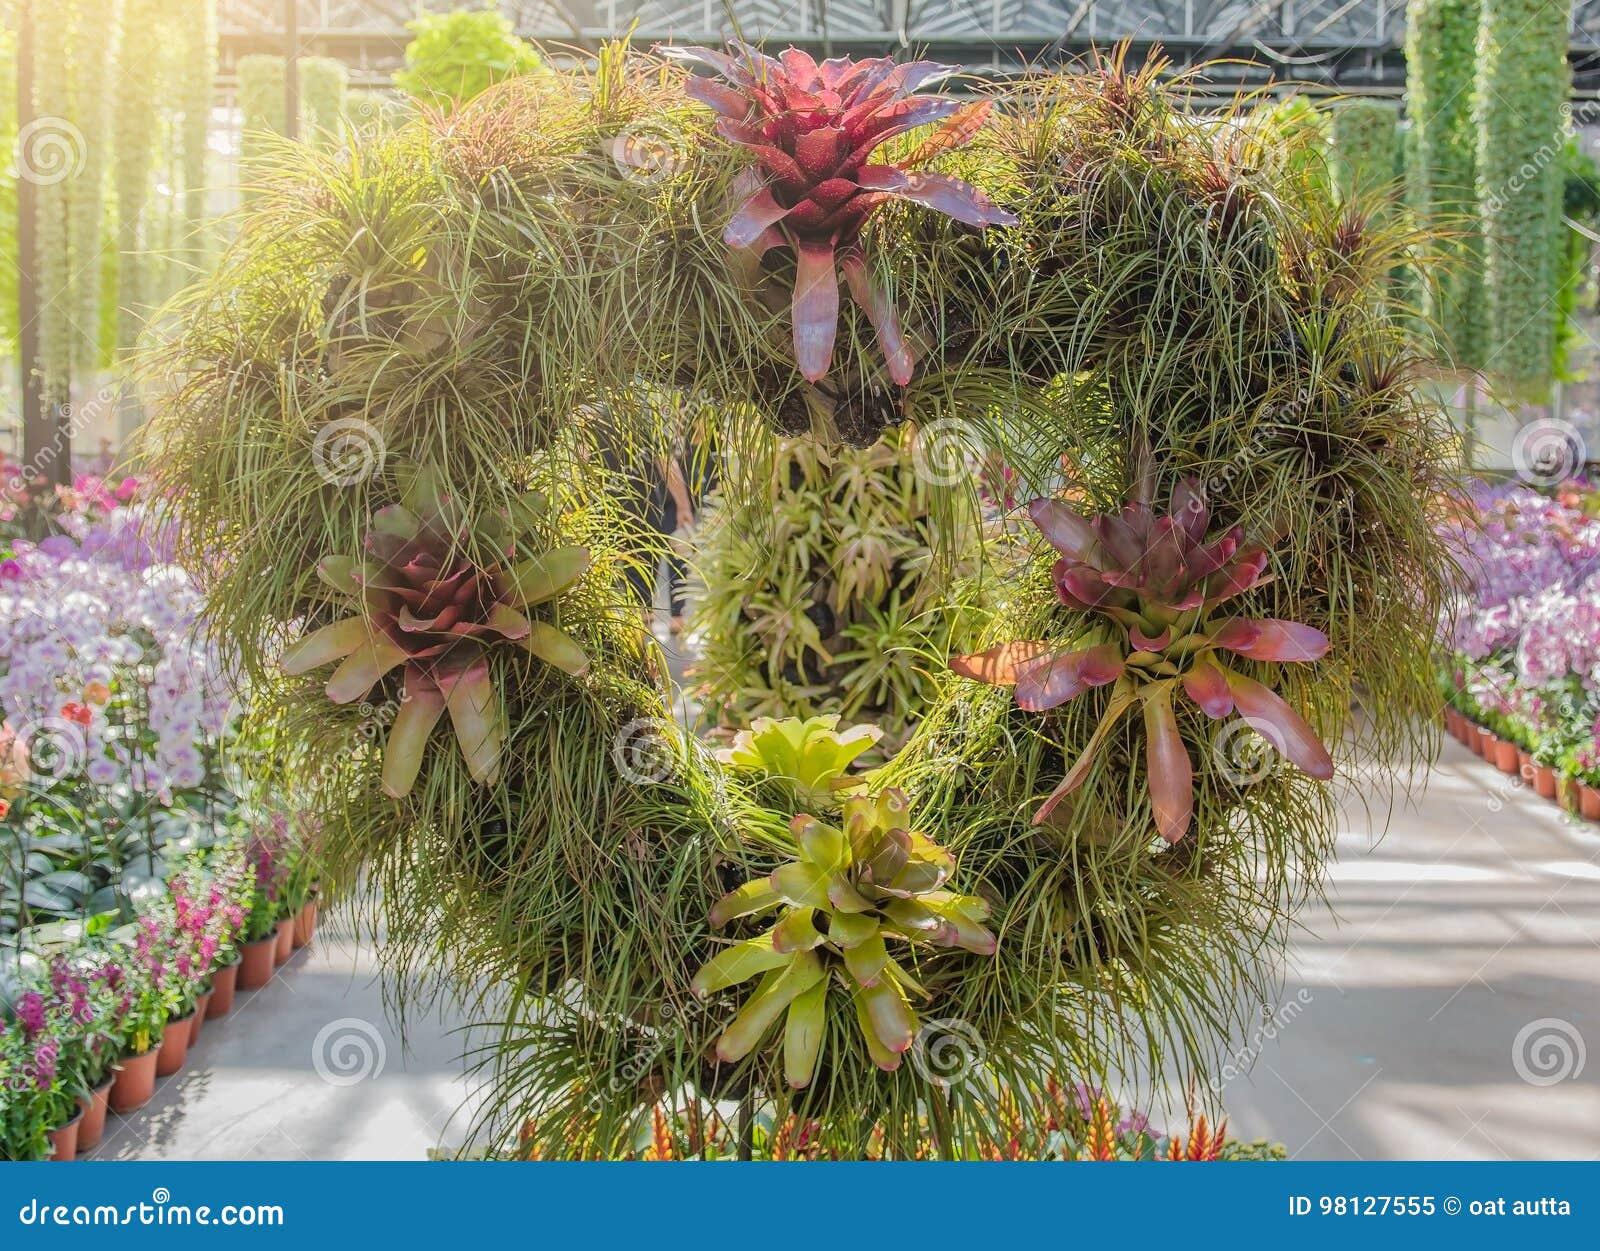 Arbre Vert Accrochant En Forme De Coeur Dans La Décoration De Jardin ...